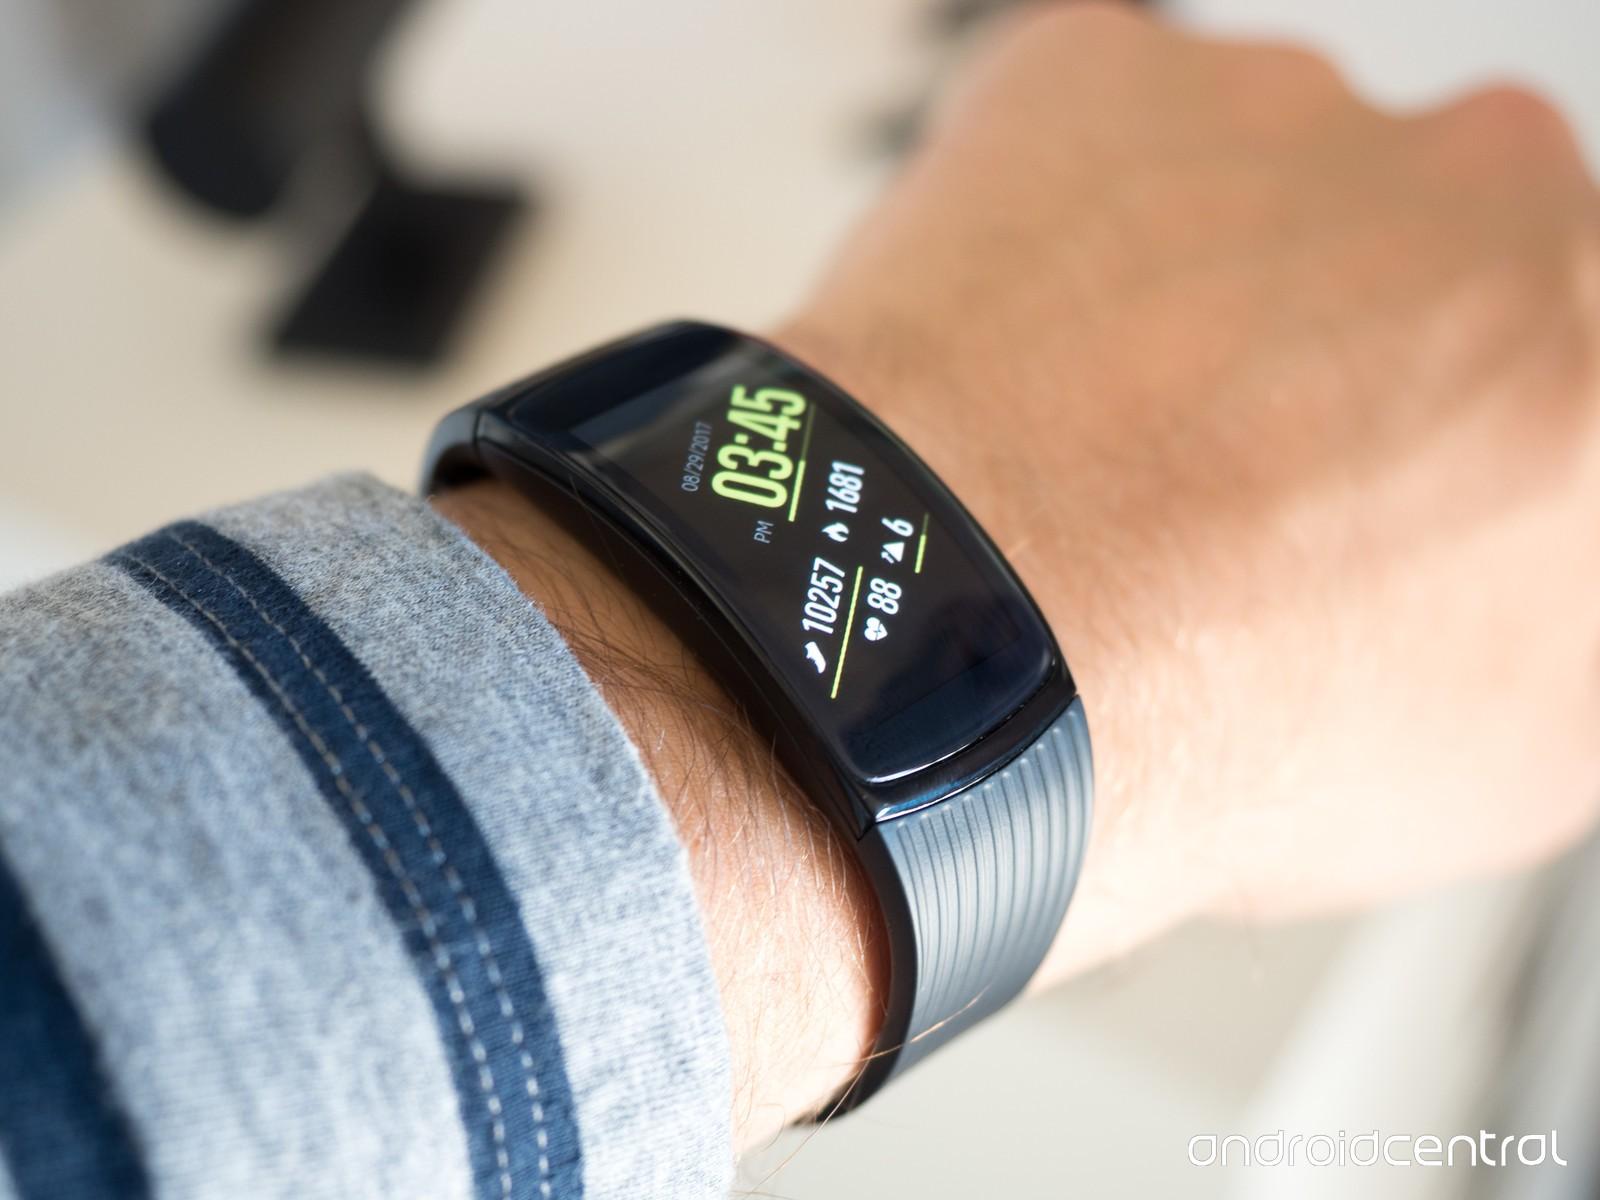 نگاه نزدیک به سامسونگ Gear Fit 2 Pro؛ بهبودهایی ساده در جهت تکامل یکی از برترین دستبندهای سلامتی!